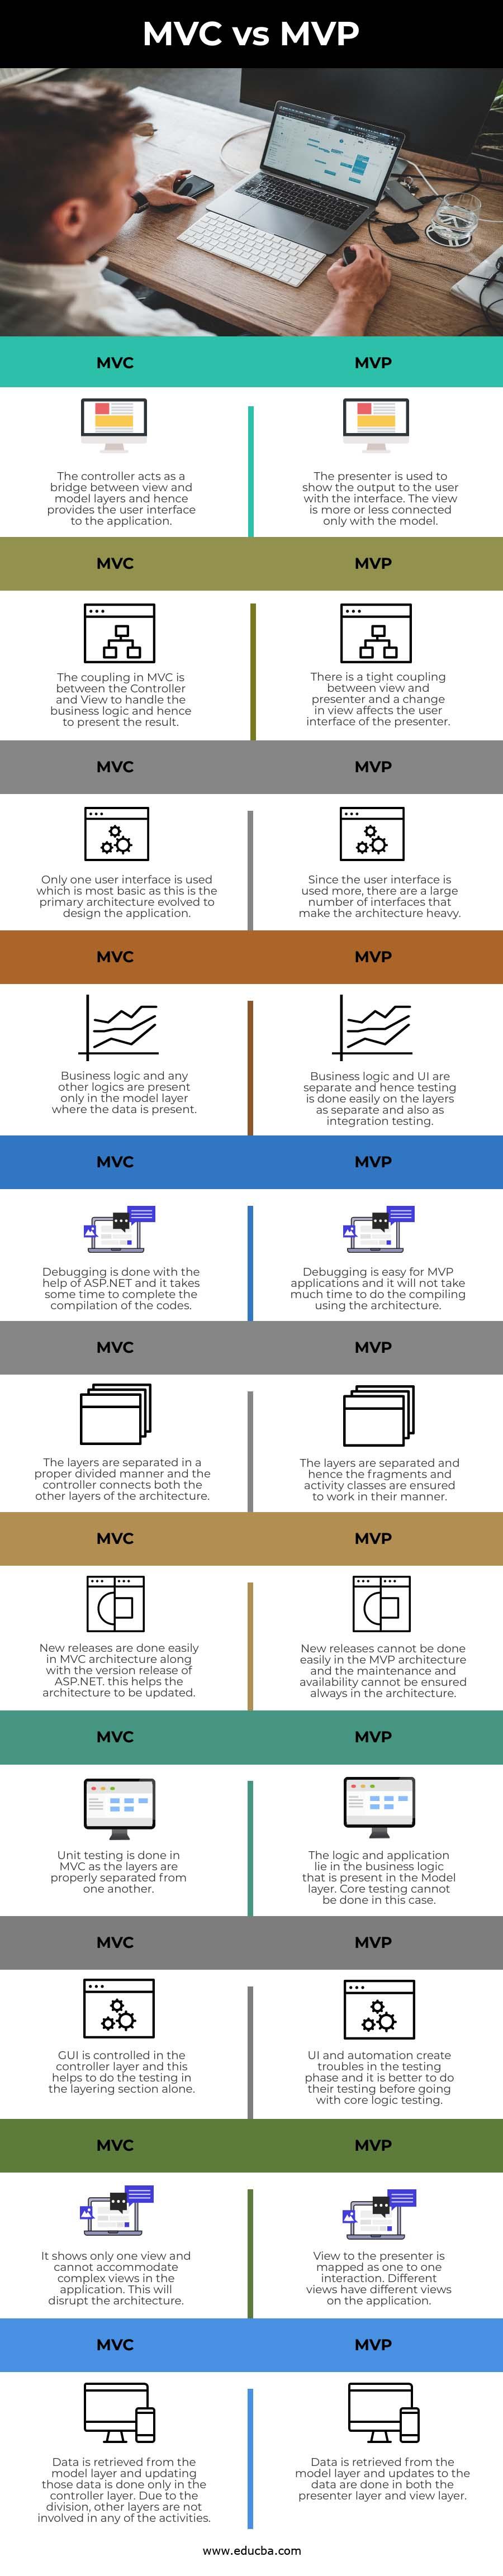 MVC vs MVP info